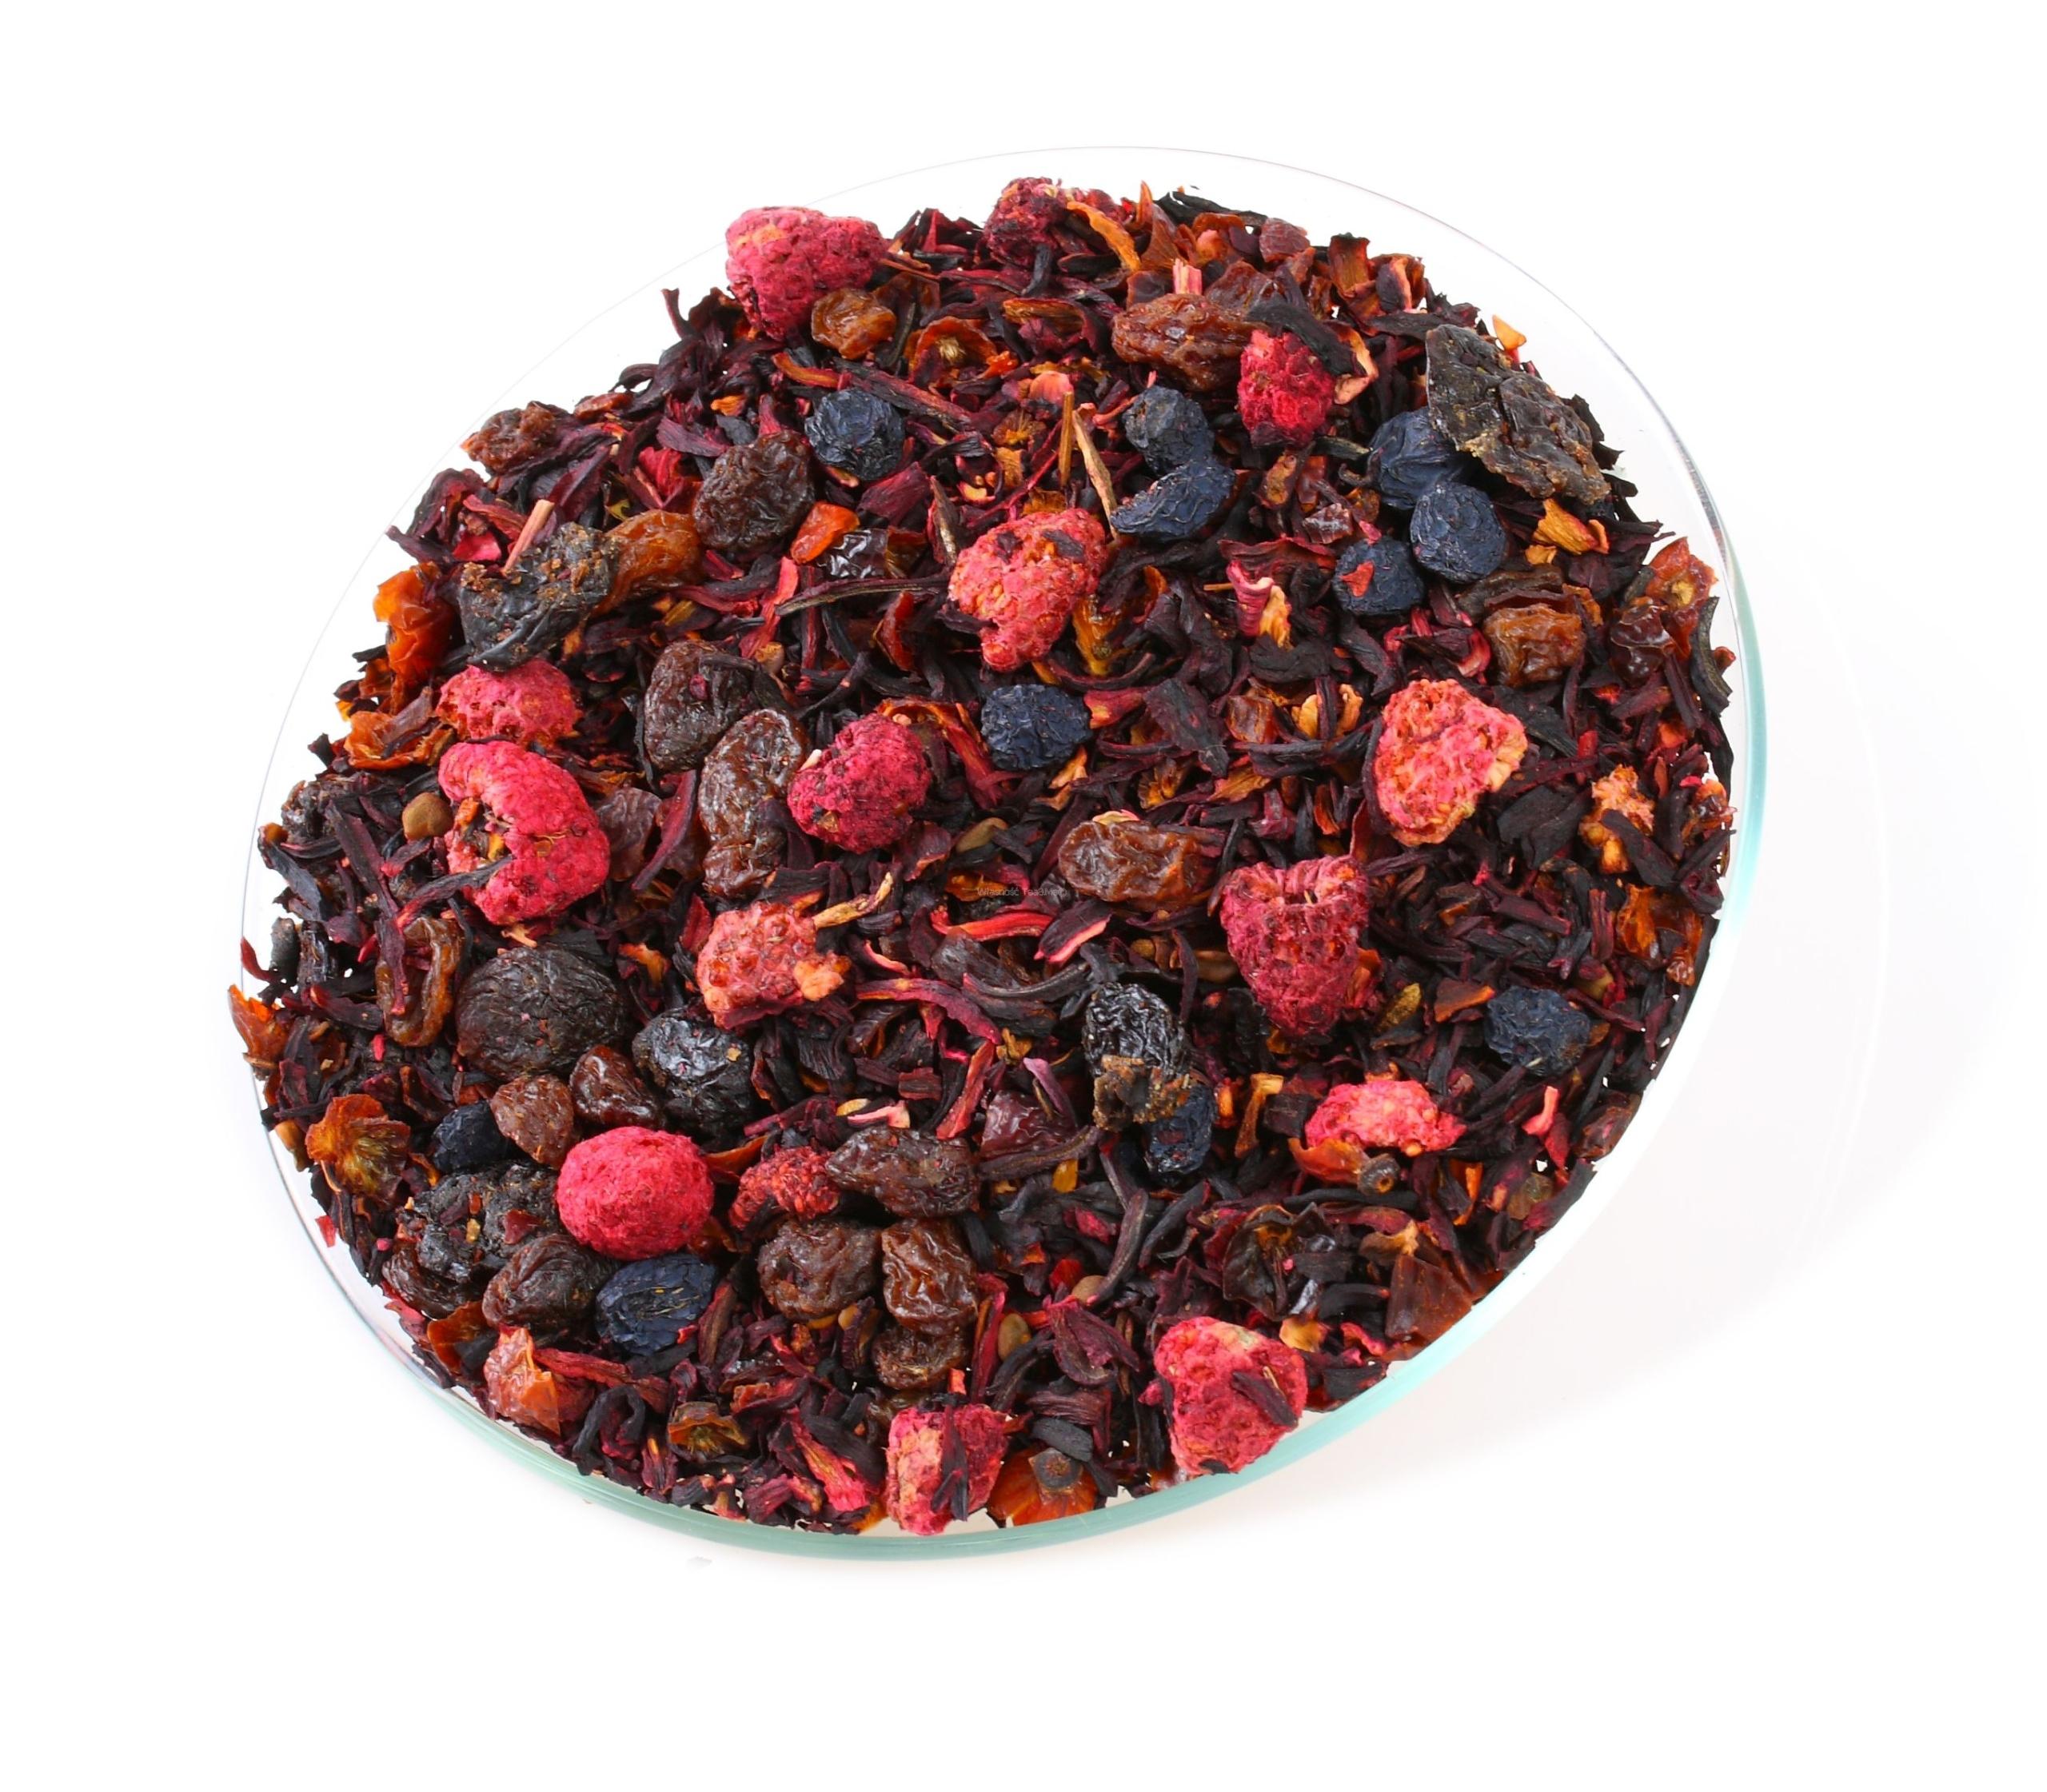 Фруктовый чай SPIRIT OF THE FOREST (50g)